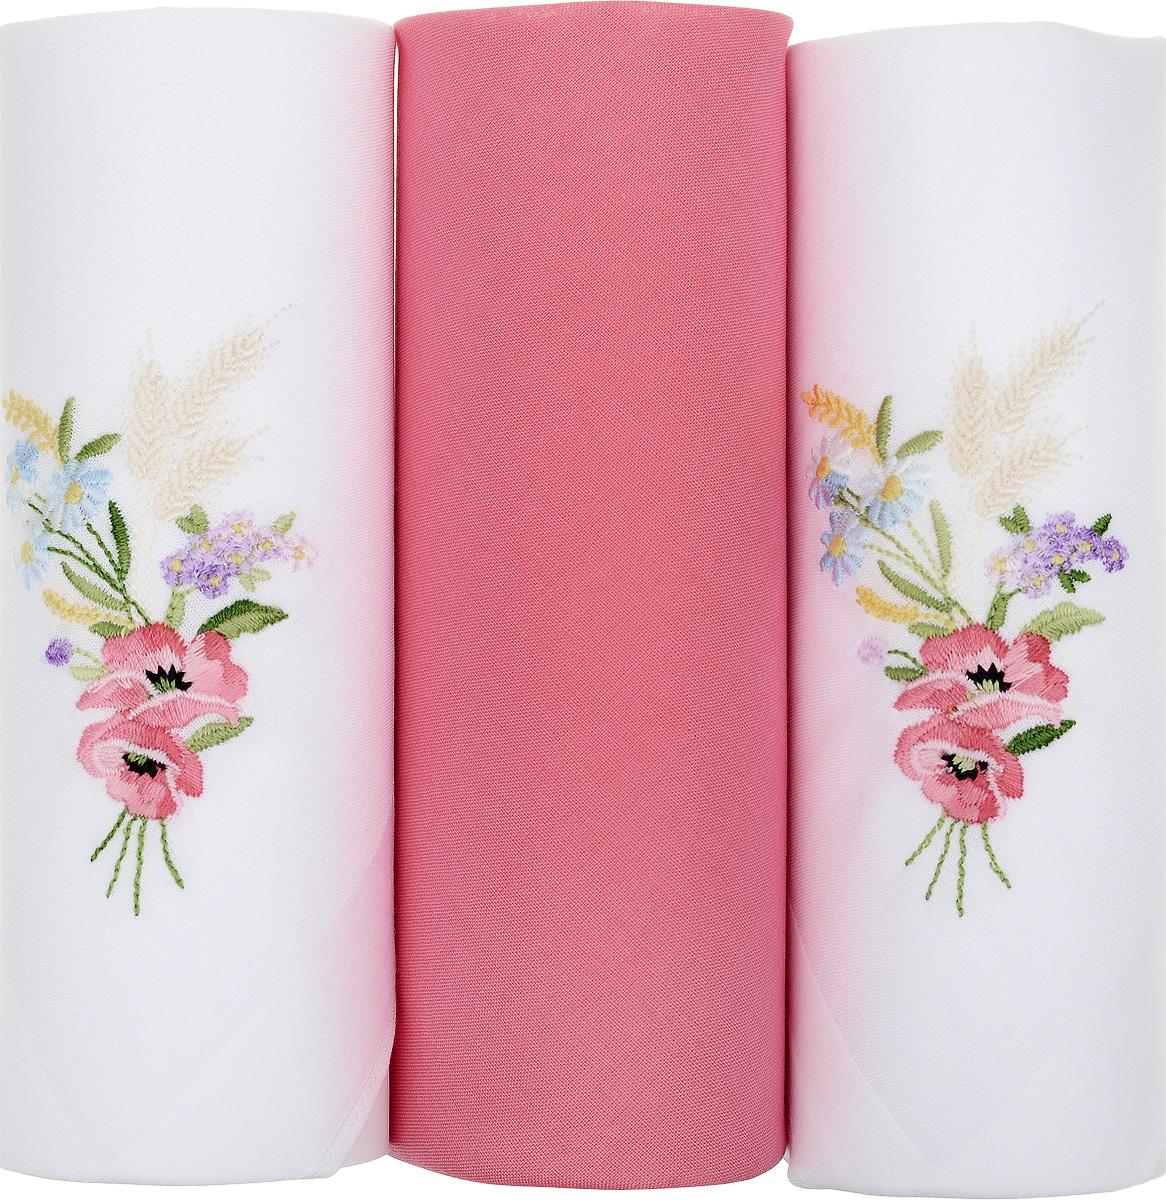 Платок носовой женский Zlata Korunka, цвет: белый, коралловый, 3 шт. 25605-3. Размер 29 см х 29 см25605-3Небольшой женский носовой платок Zlata Korunka изготовлен из высококачественного натурального хлопка, благодаря чему приятен в использовании, хорошо стирается, не садится и отлично впитывает влагу. Практичный и изящный носовой платок будет незаменим в повседневной жизни любого современного человека. Такой платок послужит стильным аксессуаром и подчеркнет ваше превосходное чувство вкуса. В комплекте 3 платка.